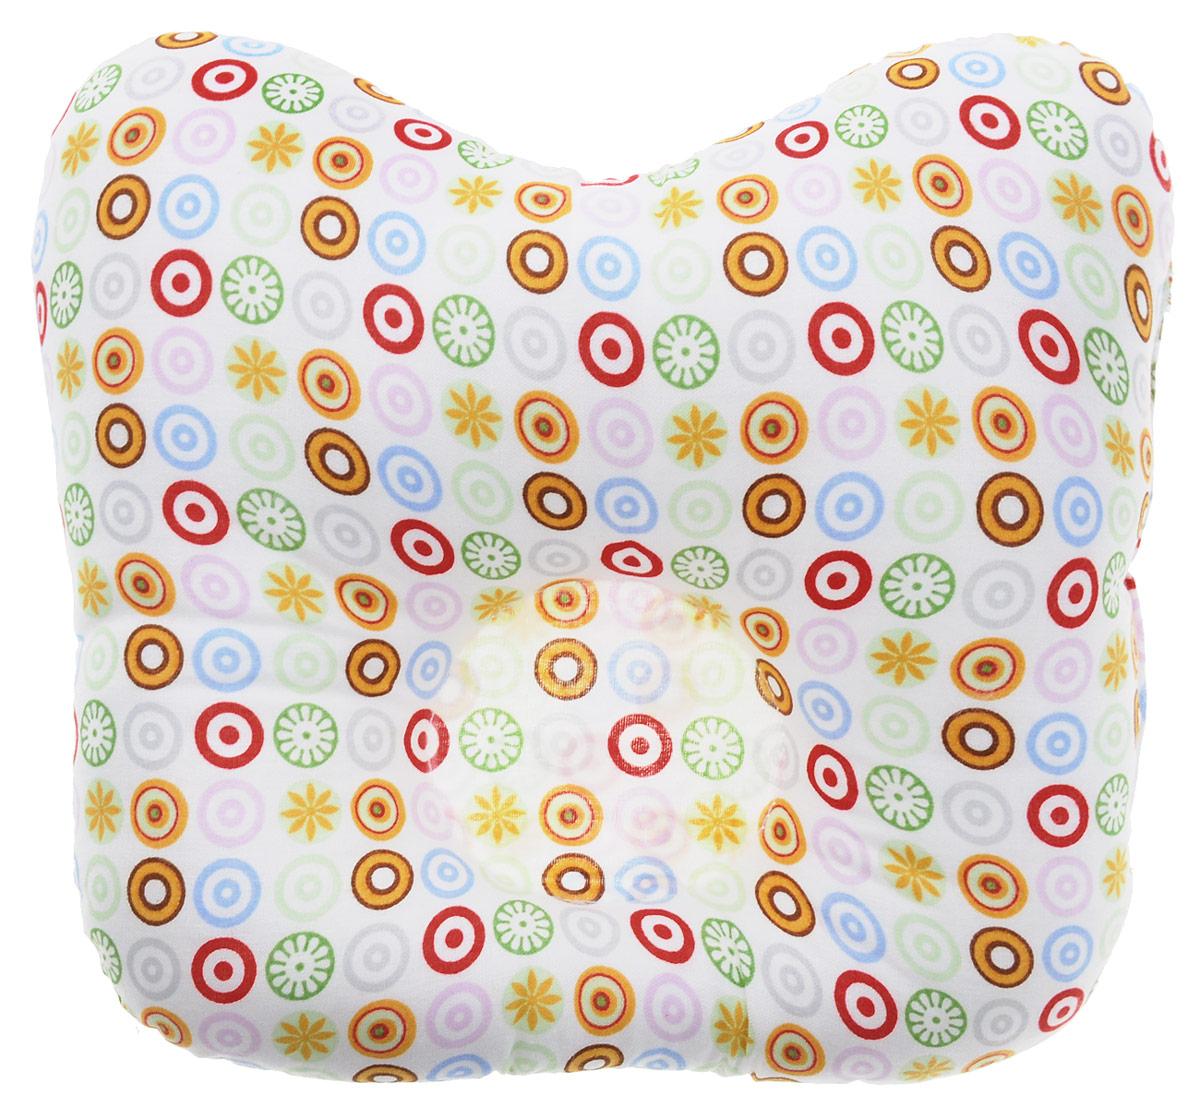 Rabby Baby Подушка анатомическая для младенцев Домики 27 х 20 смAN16374/3Анатомическая подушка для младенцев Rabby Baby Домики изготовлена из 100 % хлопка. Наполнитель - синтепон в гранулах. Подушка компактна и удобна для пеленания малыша и кормления на руках, она также незаменима для сна ребенка в кроватке и комфортна для использования в коляске на прогулке. Углубление в подушке фиксирует правильное положение головы ребенка. Подушка помогает правильному формированию шейного отдела позвоночника.